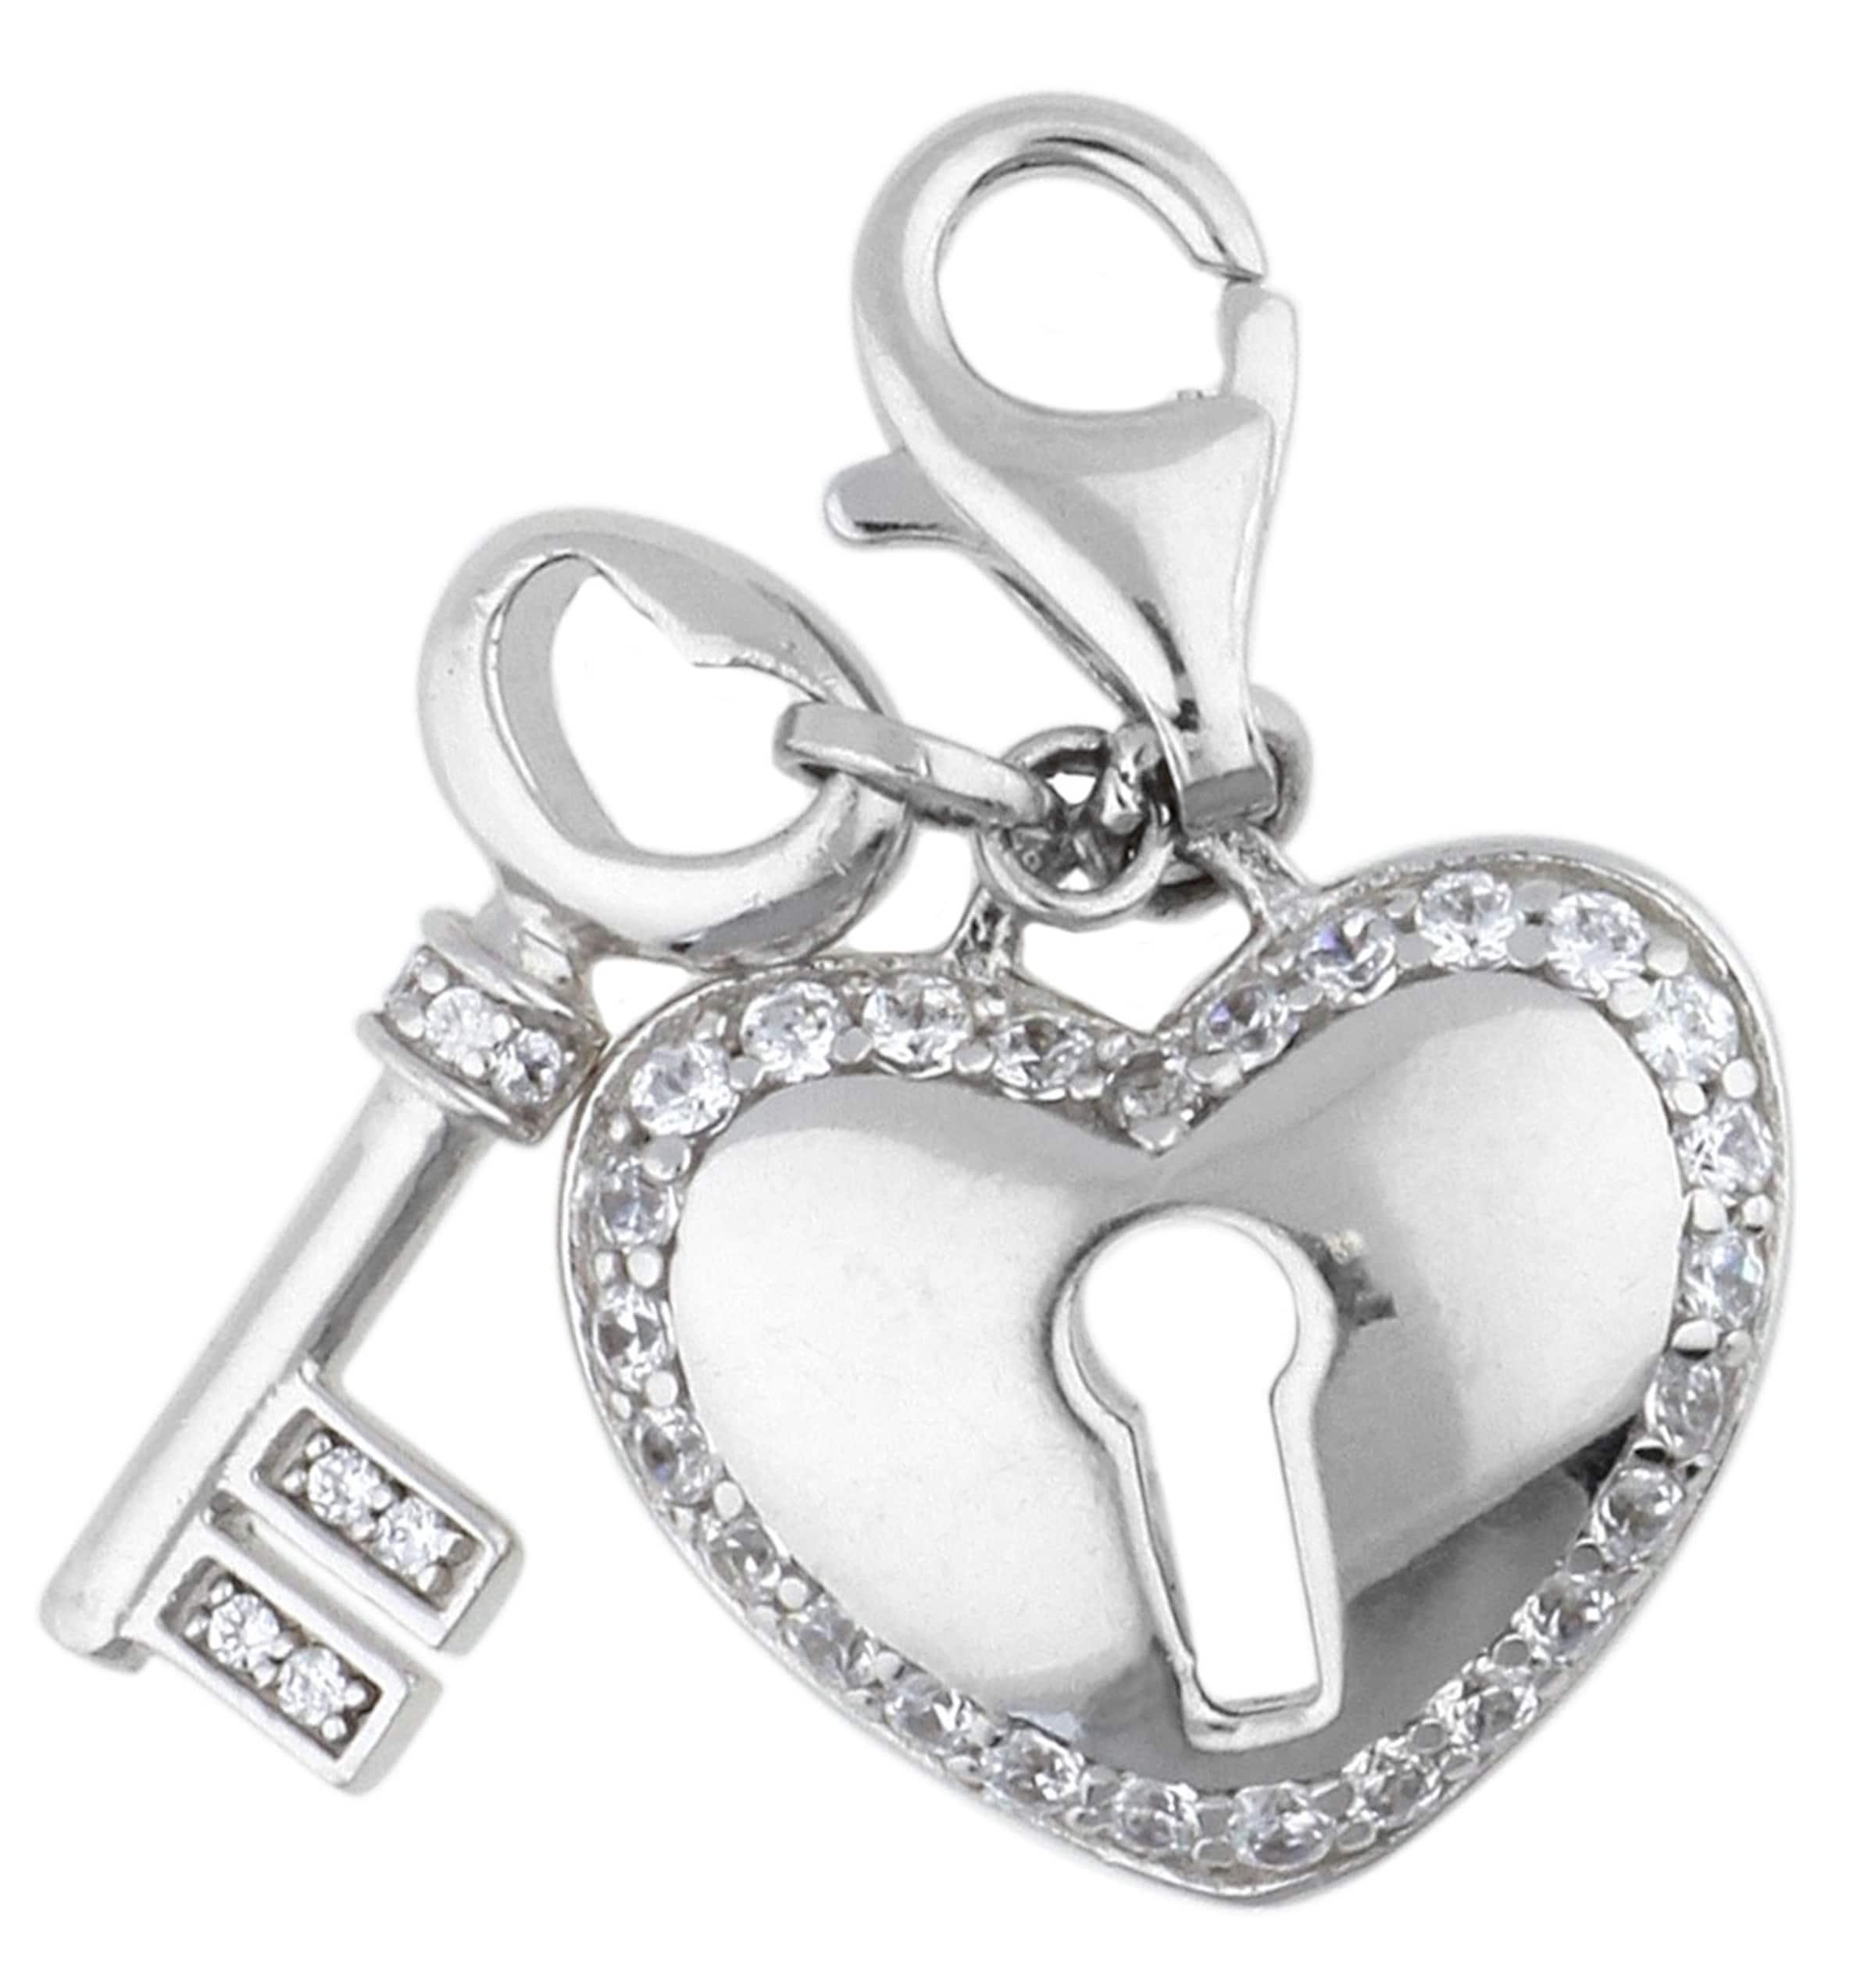 ESPRIT Charm 'Locked Heart' mit Steinbesatz Spielraum Beste Preise Visa-Zahlung Günstig Online Günstig Kaufen Gut Verkaufen 9oQ7rv9E